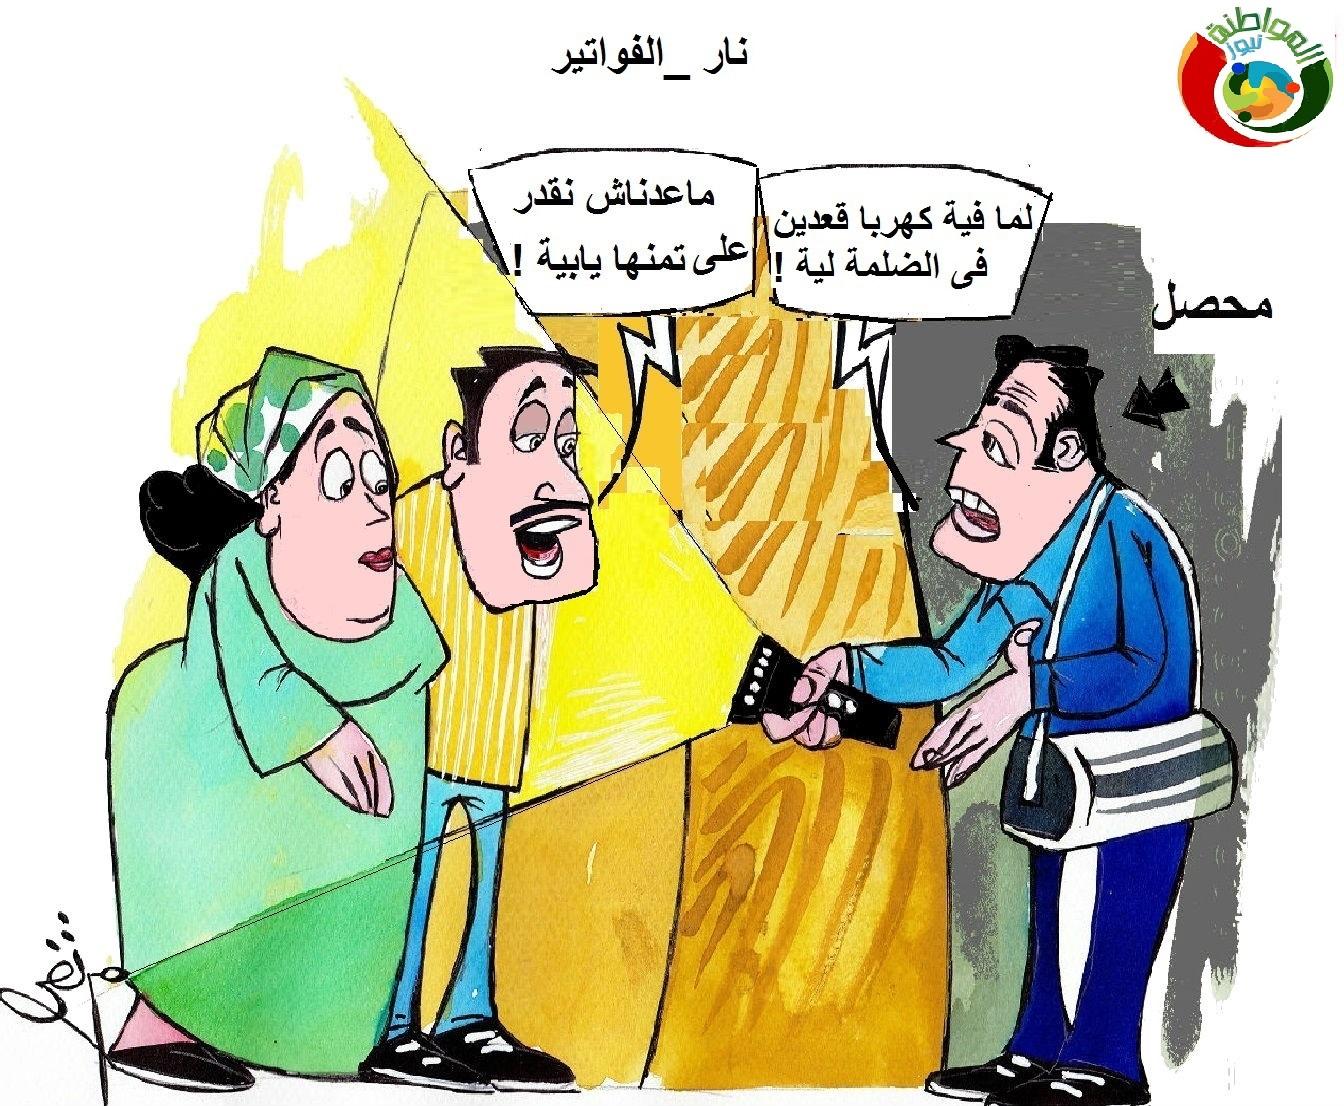 كاريكاتير الموااطنة نيوز 20